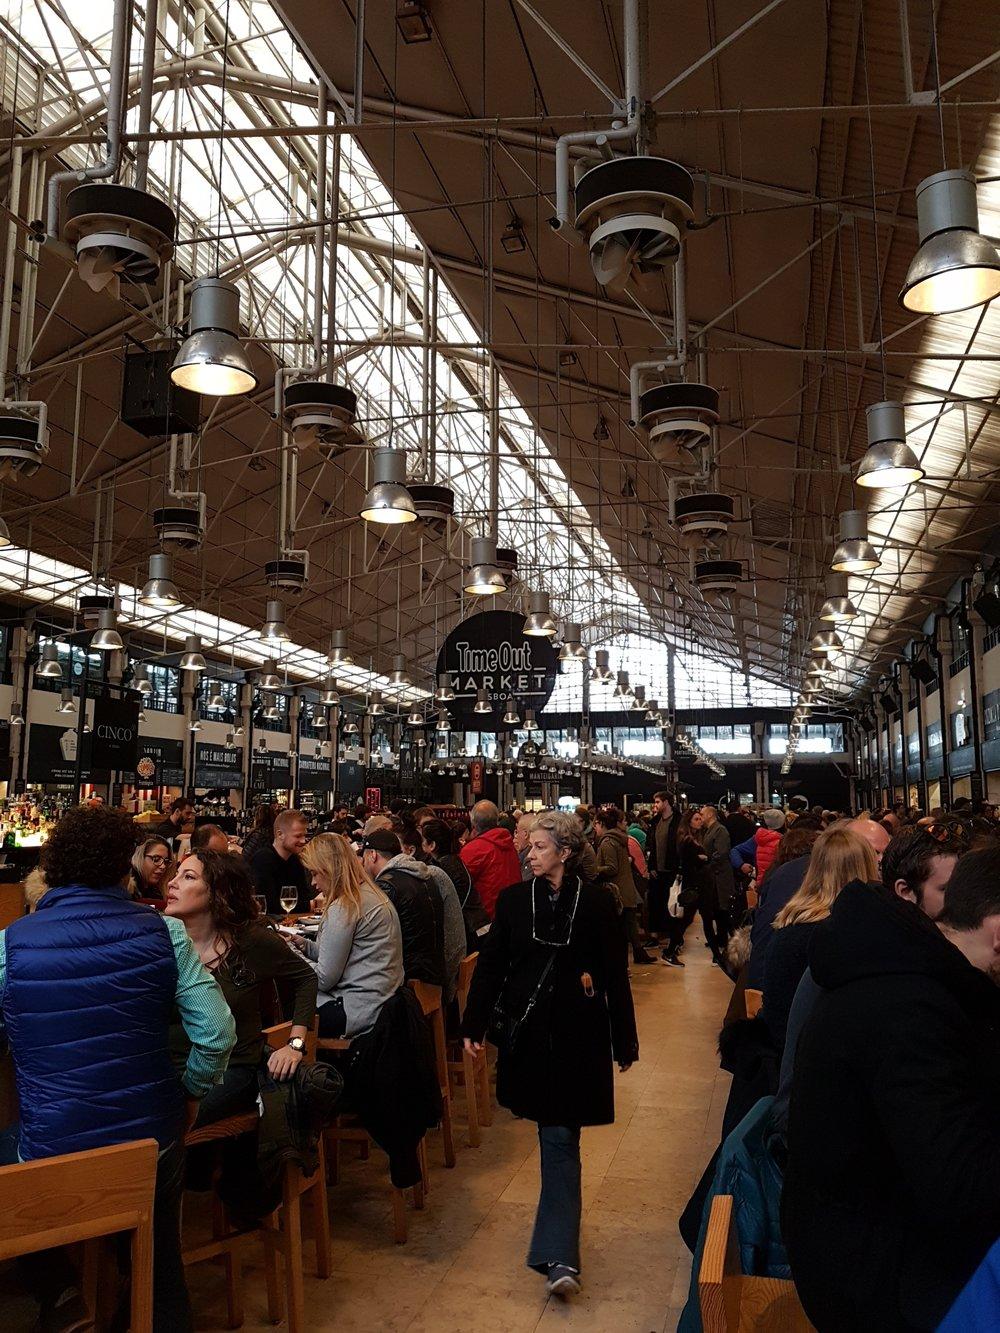 Time-out market, Lisbon